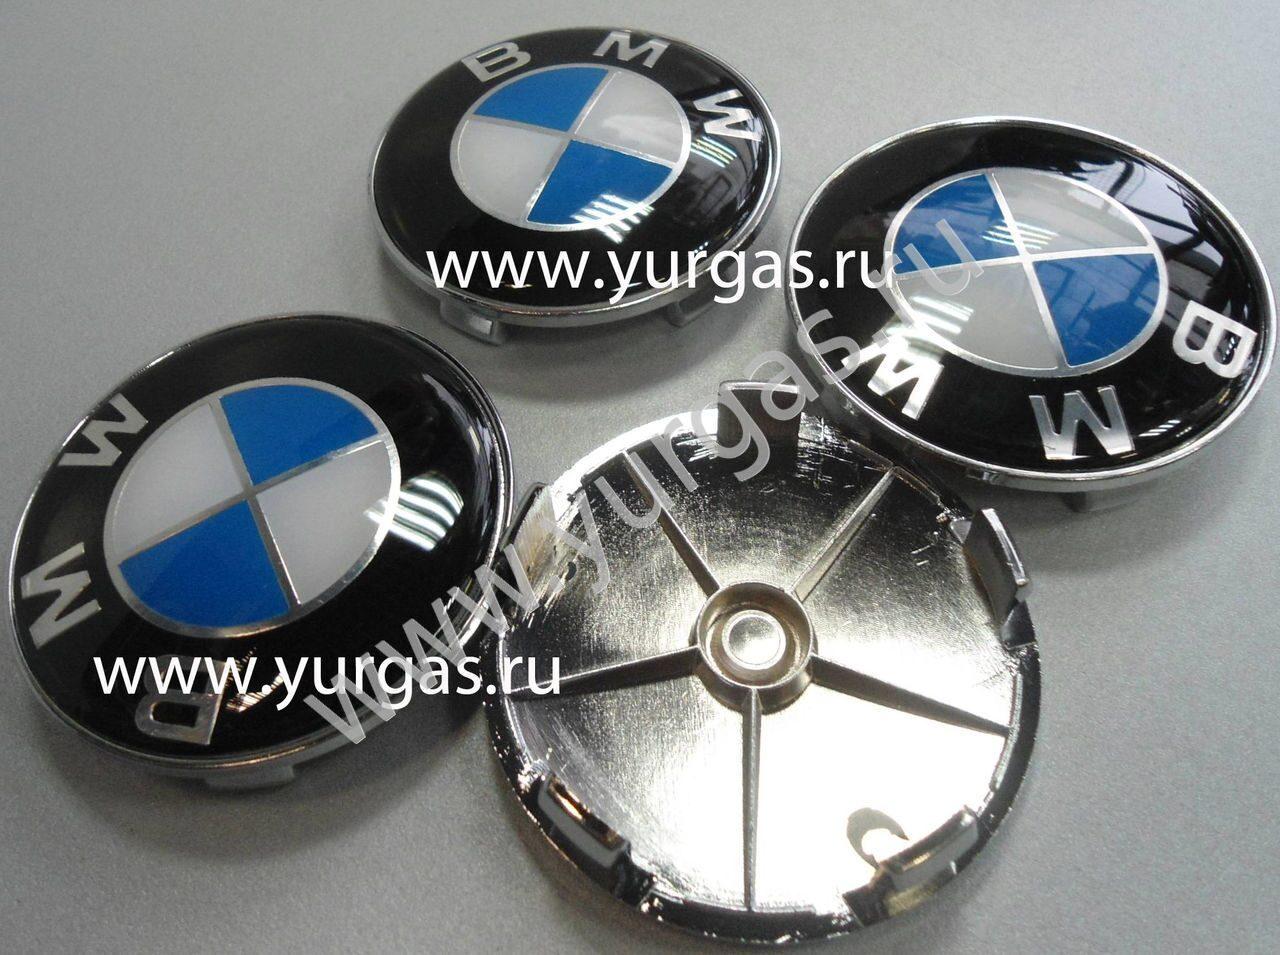 SAS купить ступичные колпочки для литых дисков в спб правильно